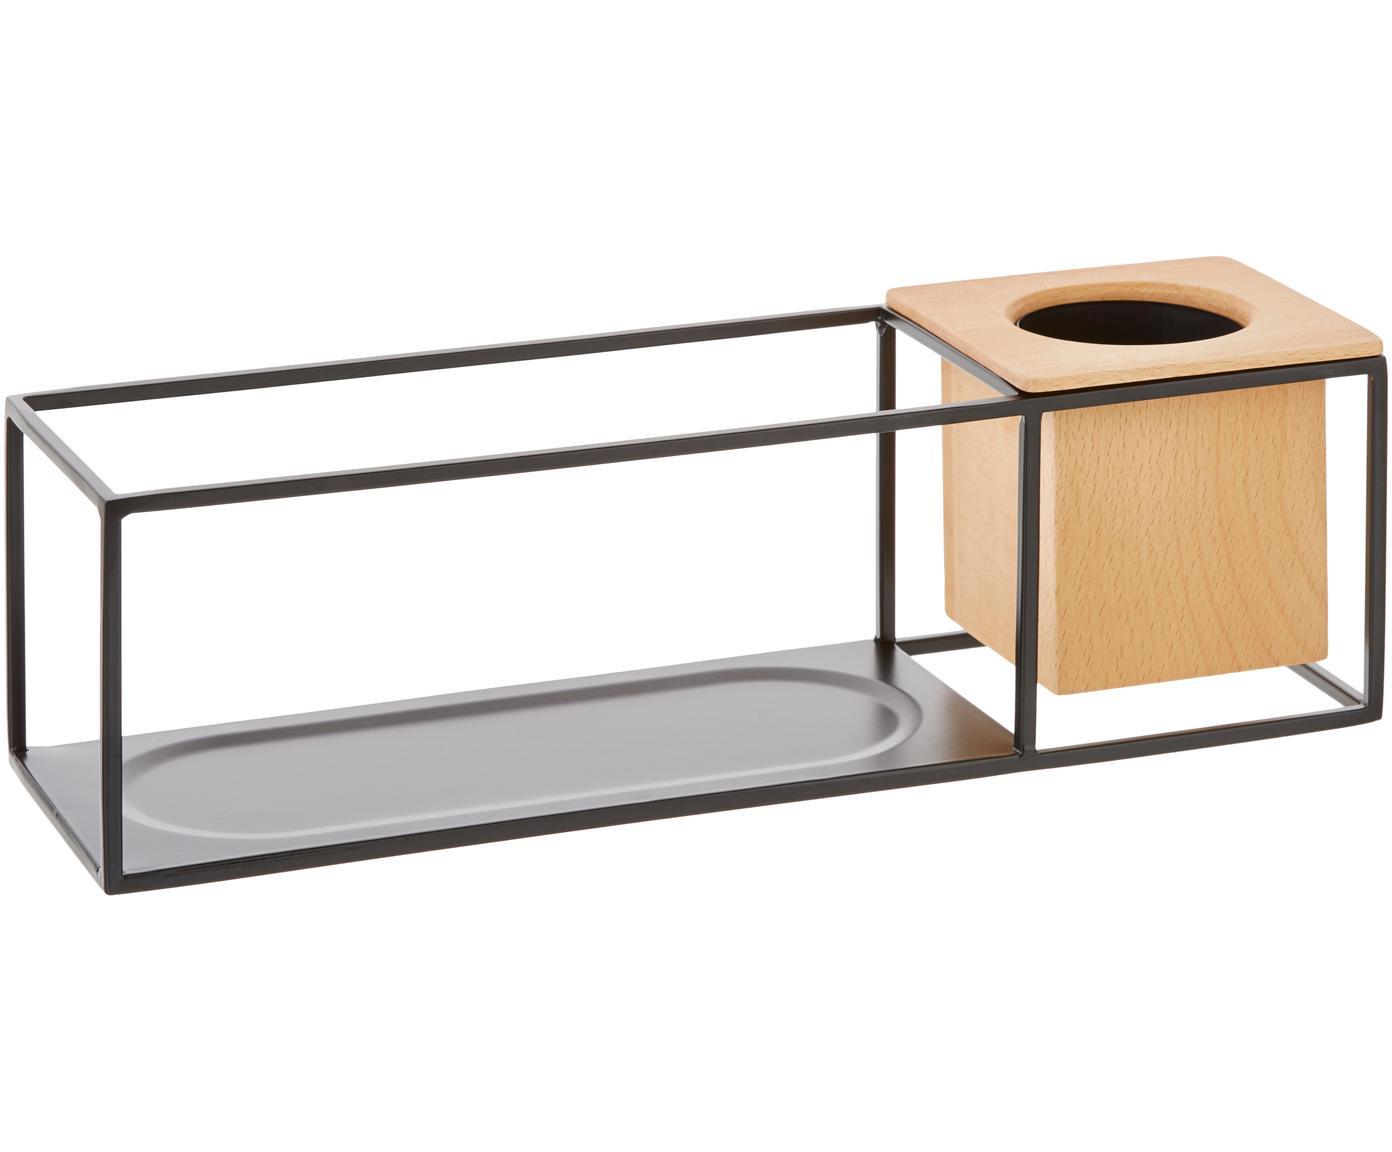 Kleine wandplank Cubist met houder, Frame: gecoat metaal, Houder: essenhout met kunststof i, Zwart, lichtbruin, 38 x 12 cm